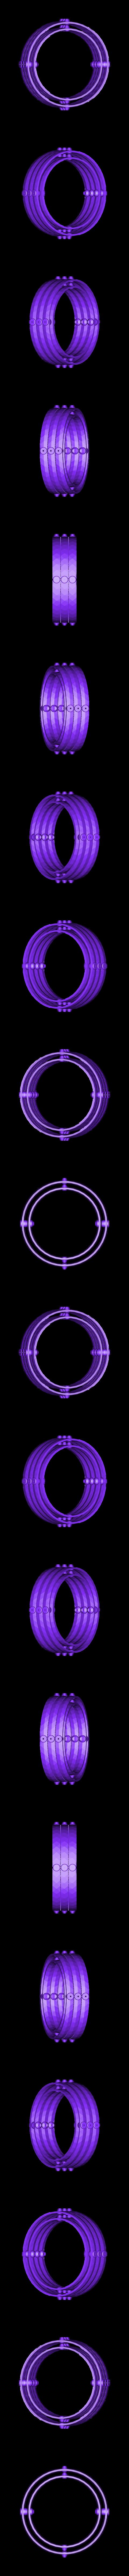 RingSet3.stl Télécharger fichier STL gratuit Plaques de montage gyroscopiques à cardan • Plan pour impression 3D, Bolnarb